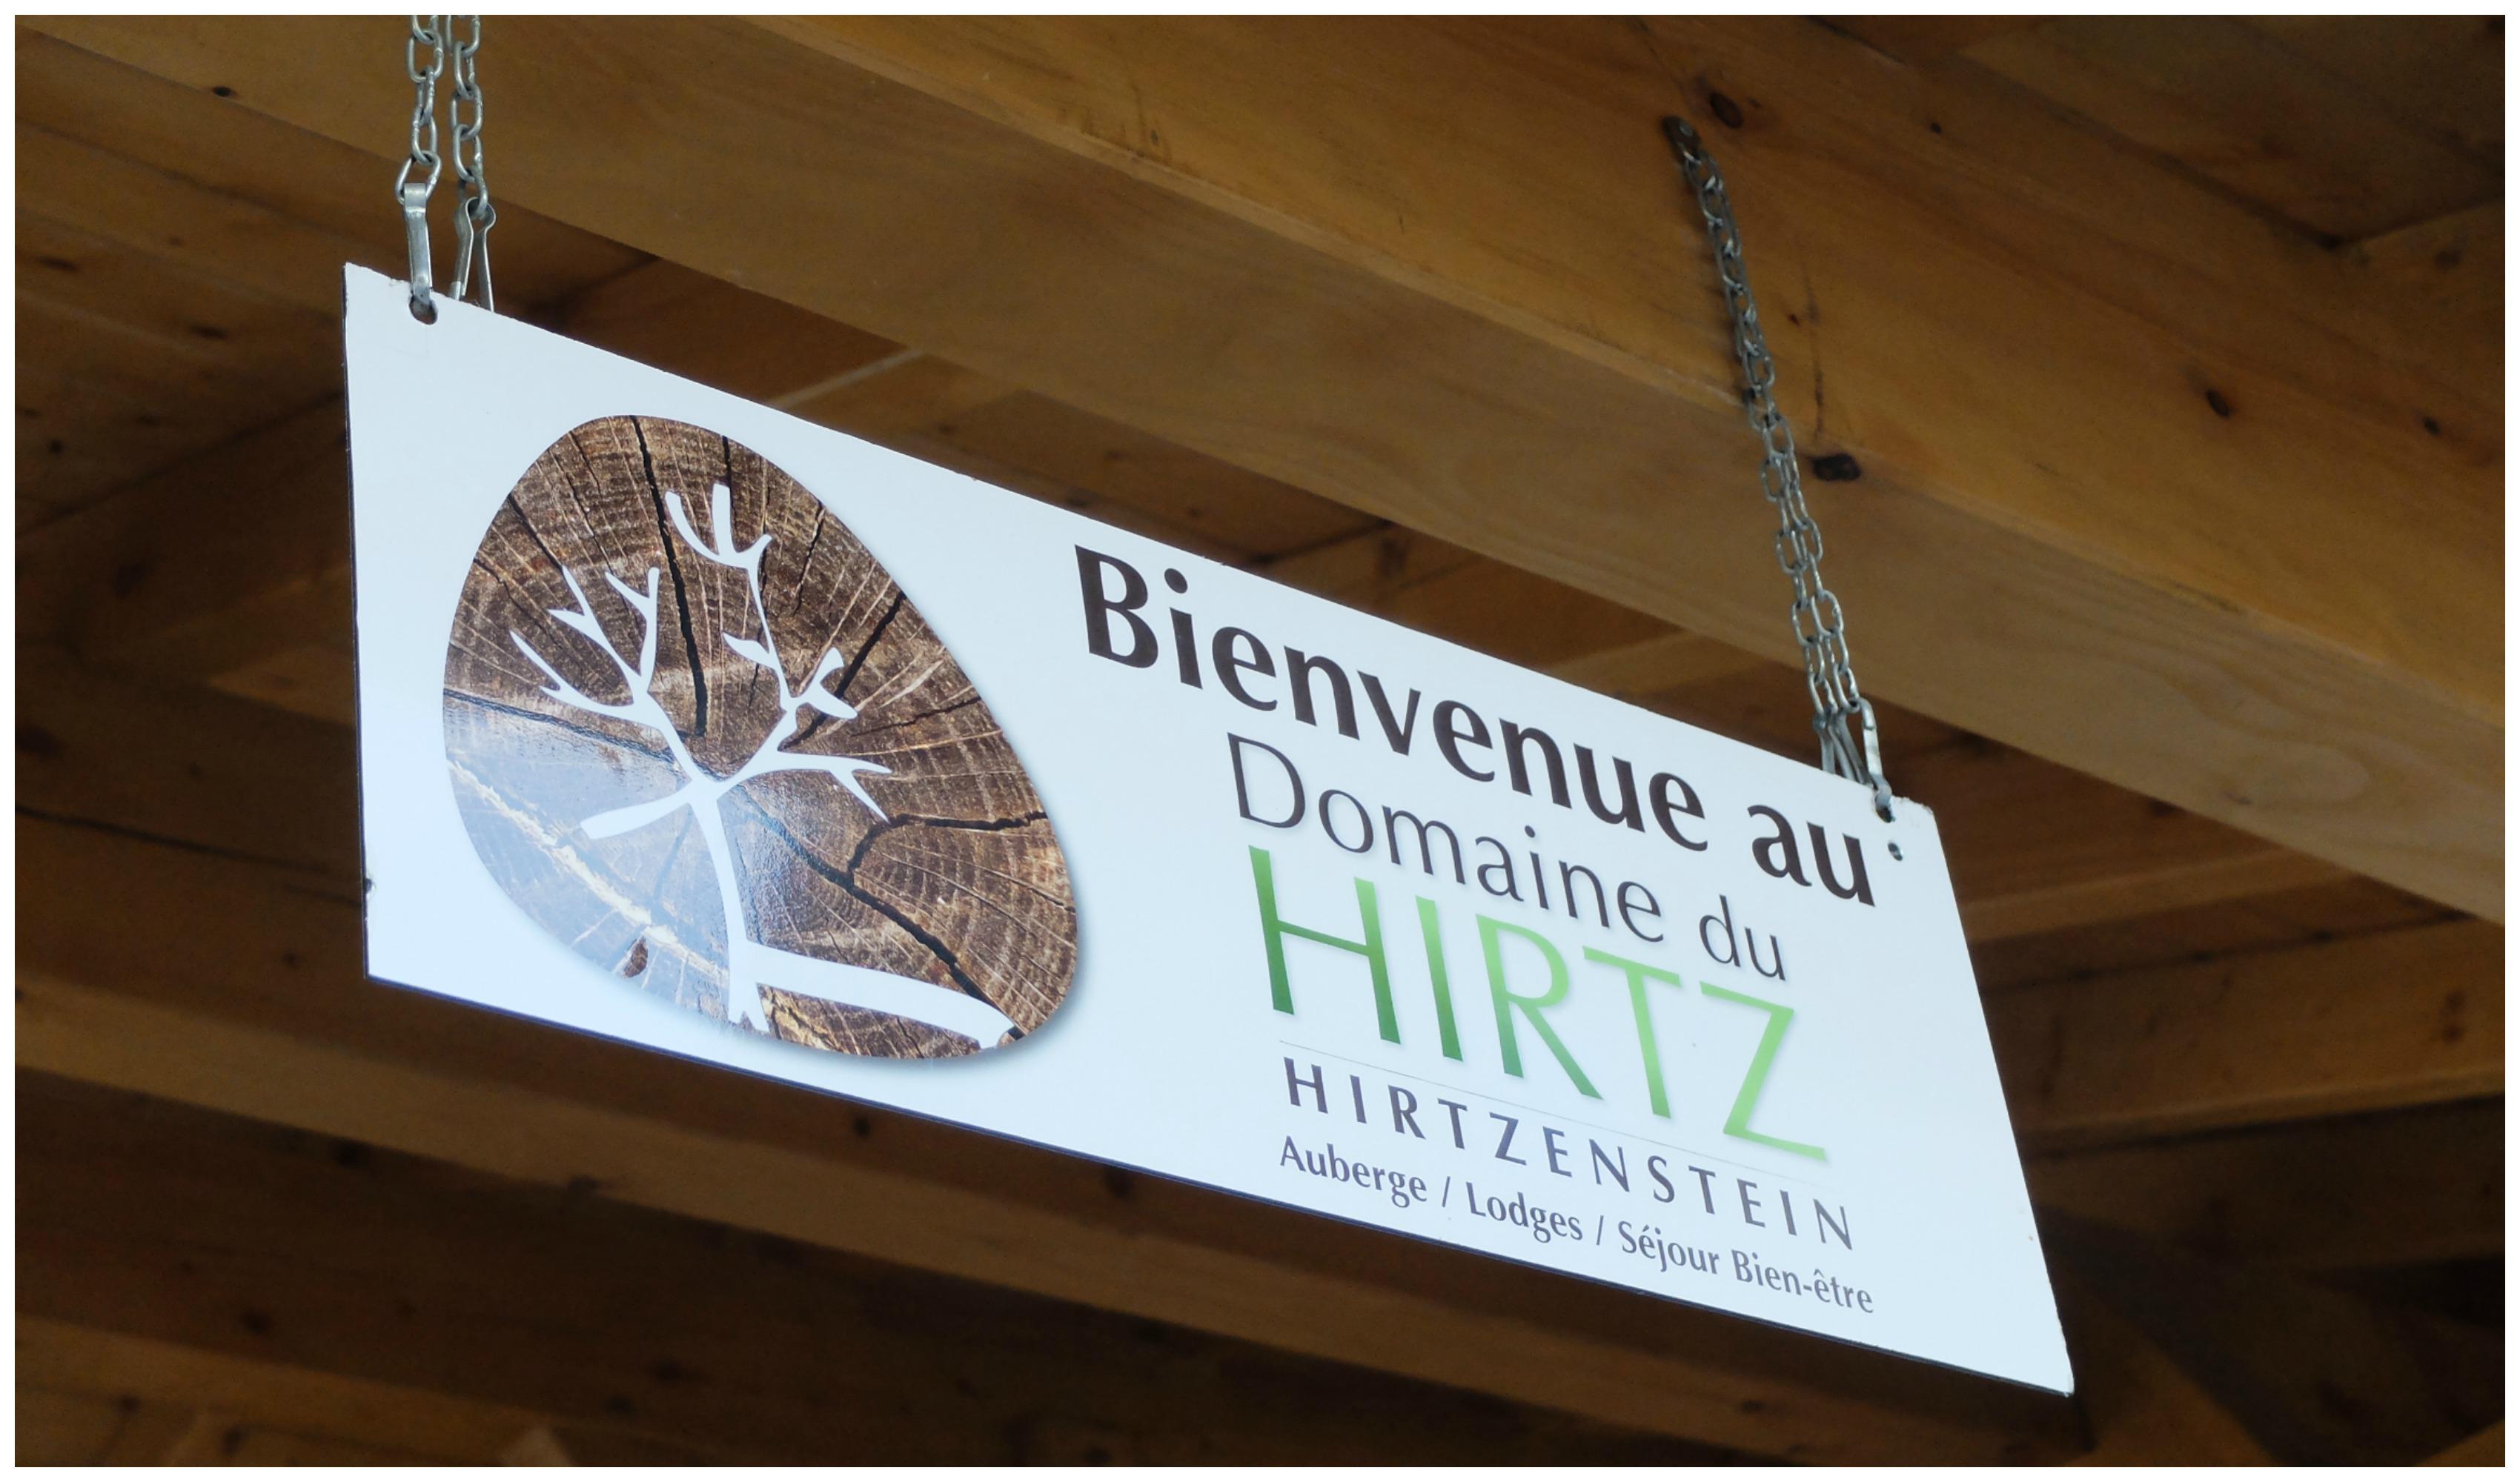 Le Domaine du Hirtz - éco-tourisme en Alsace